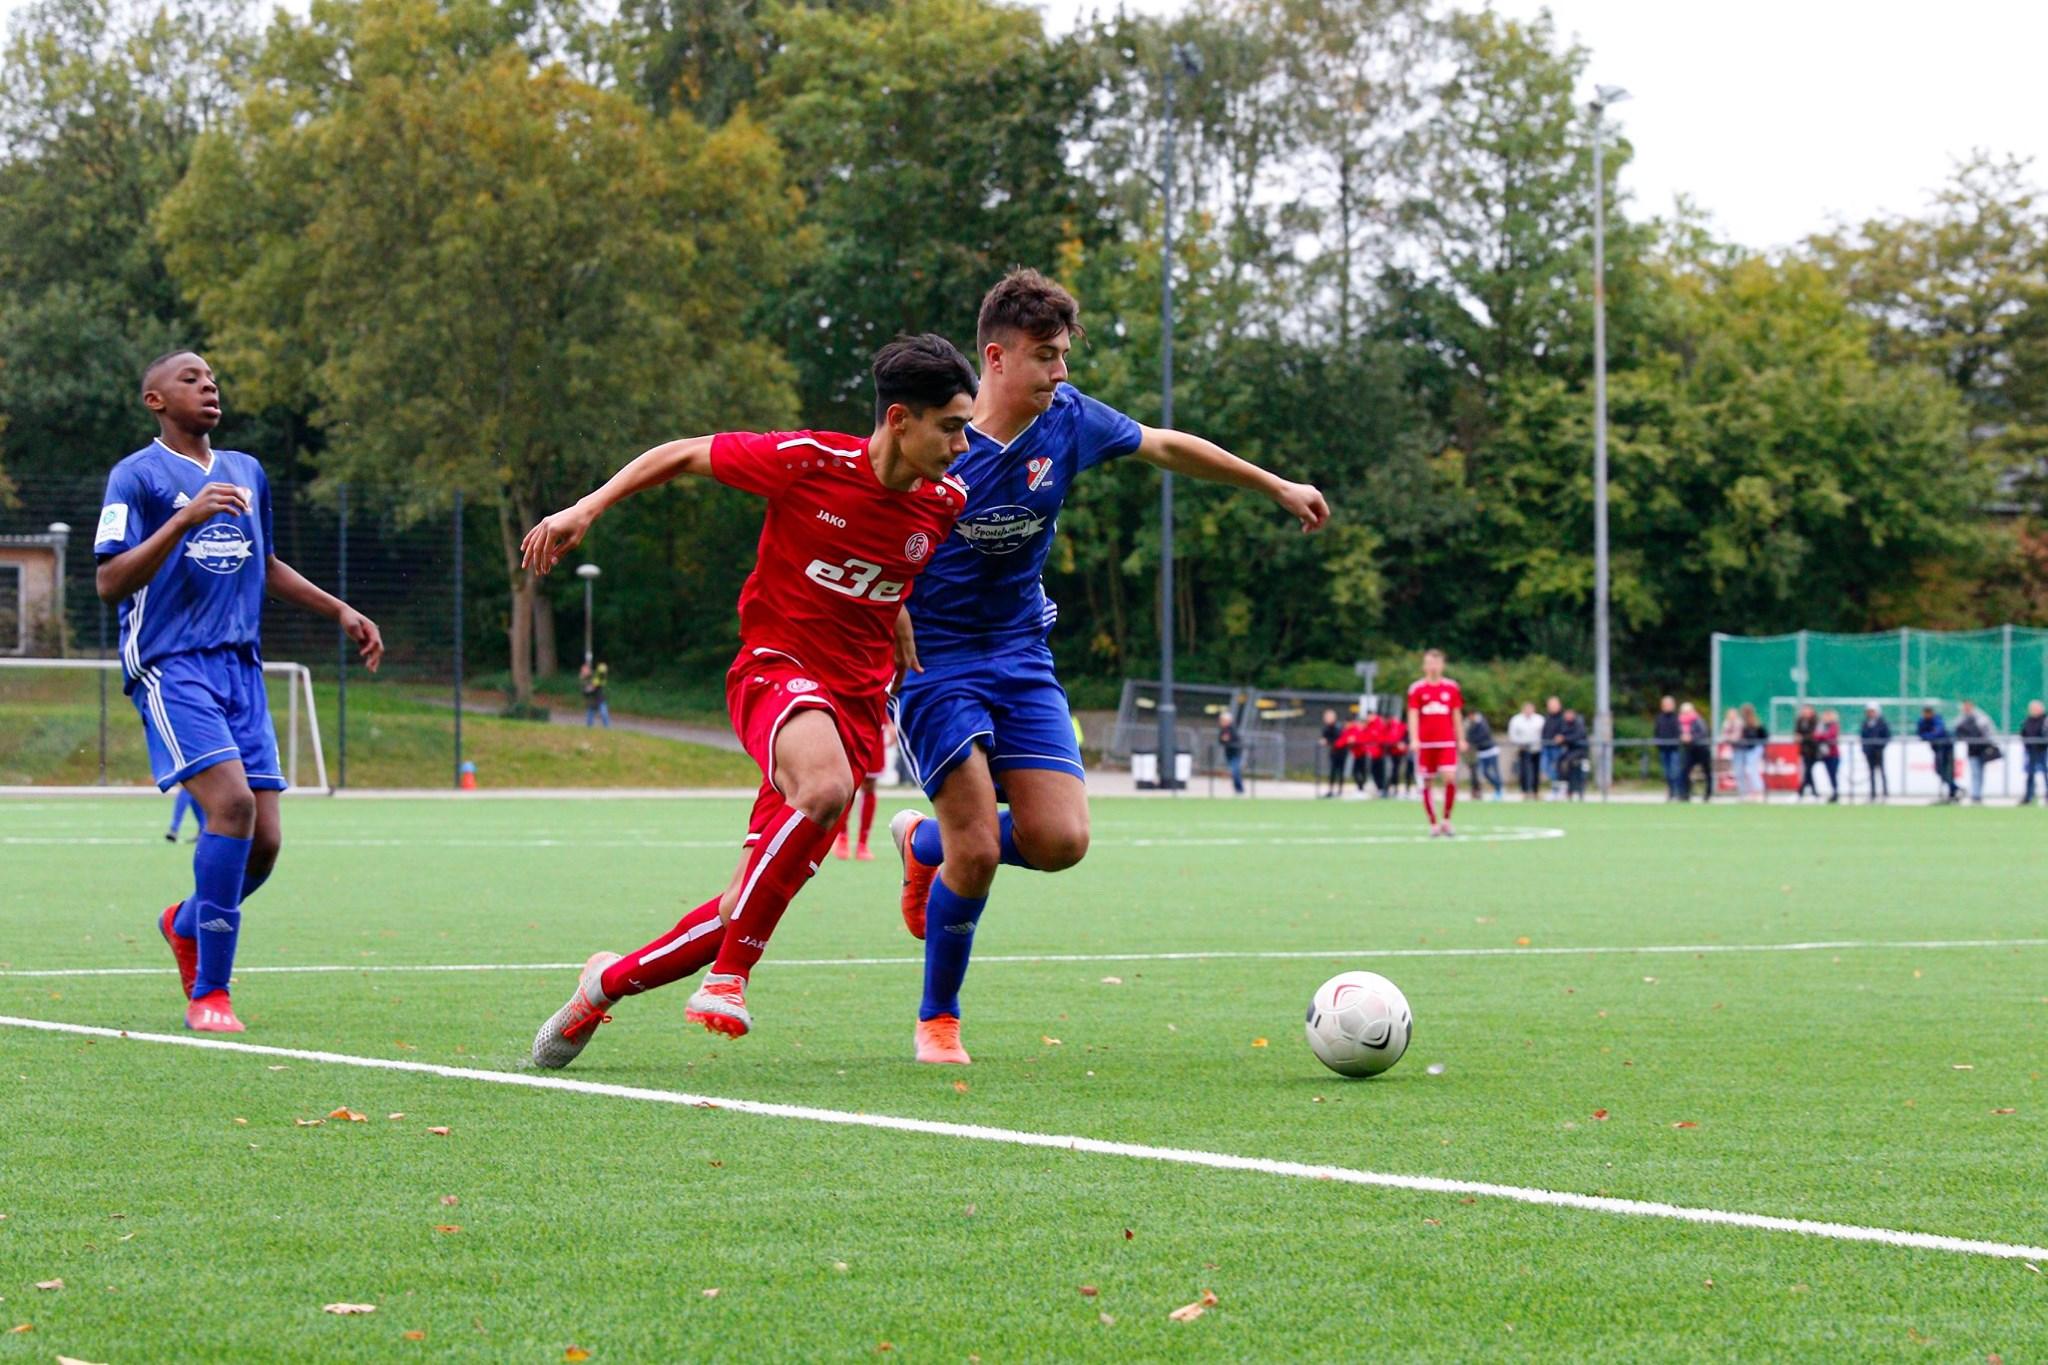 U17 gewinnt gegen den SG Unterrath mit 2:0. (Foto: Breilmannswiese)